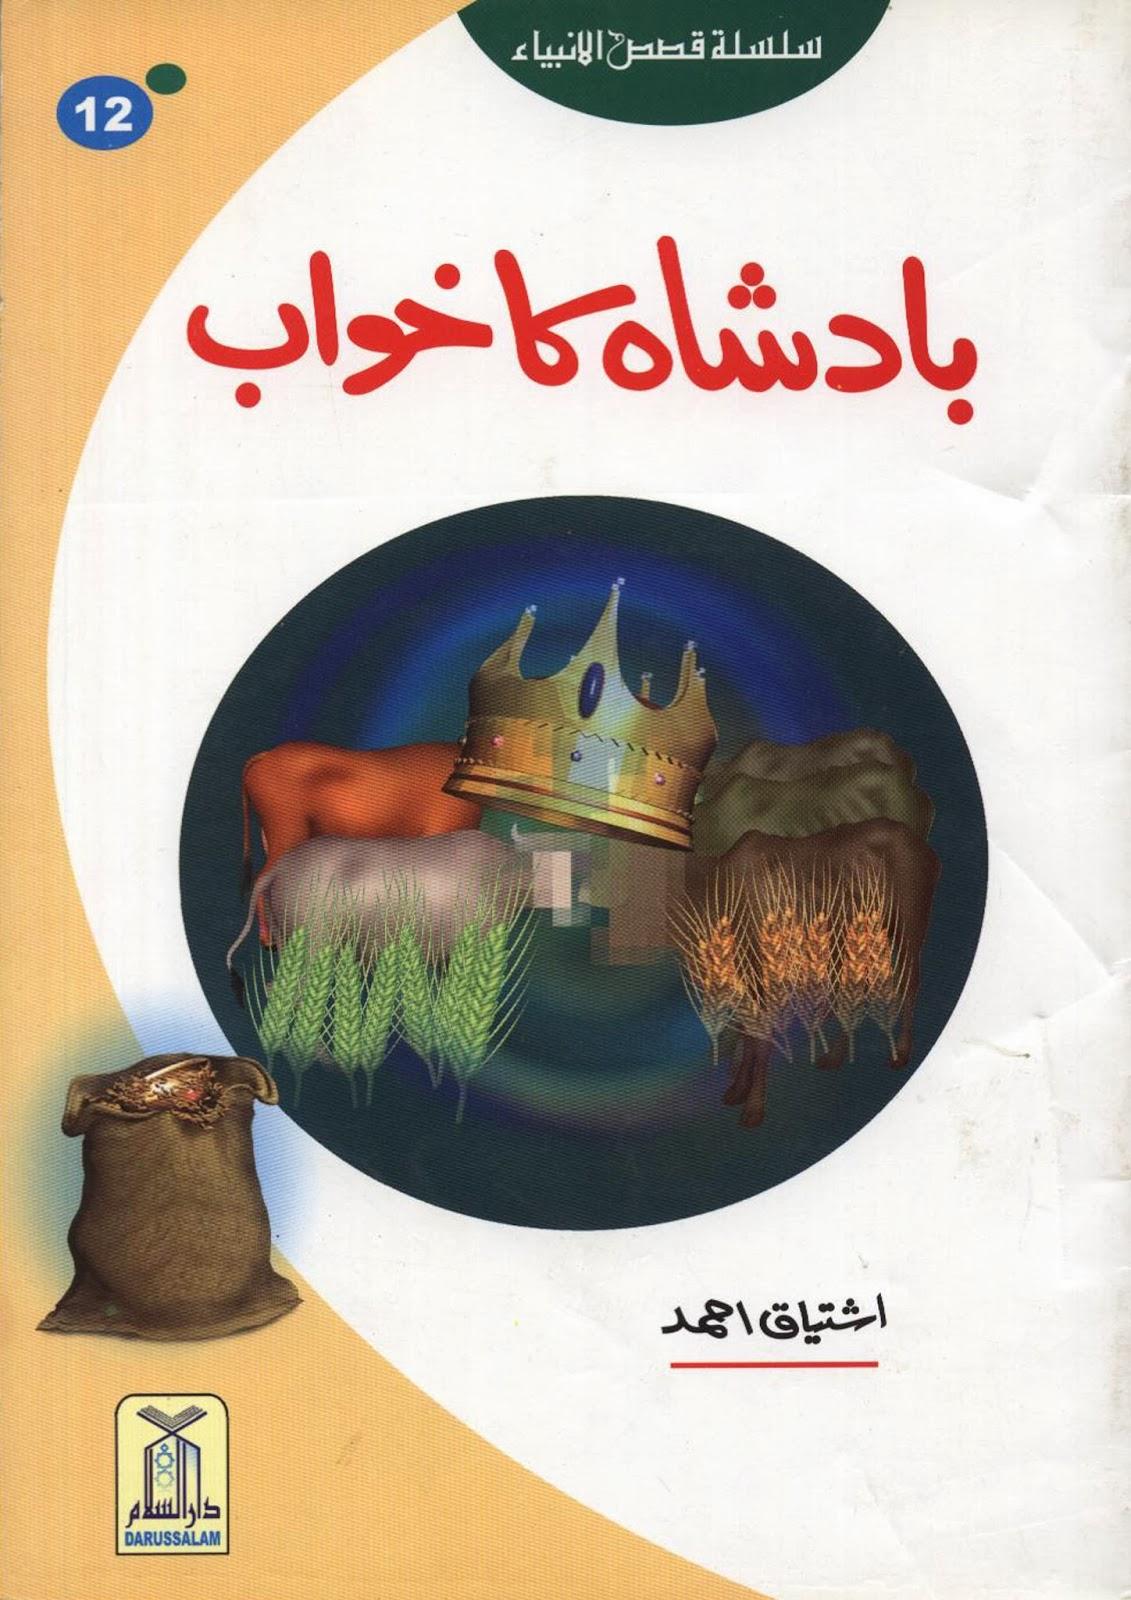 http://urduguru1.blogspot.com/2014/03/badsha-ka-khawab-prophet-yousaf-as.html